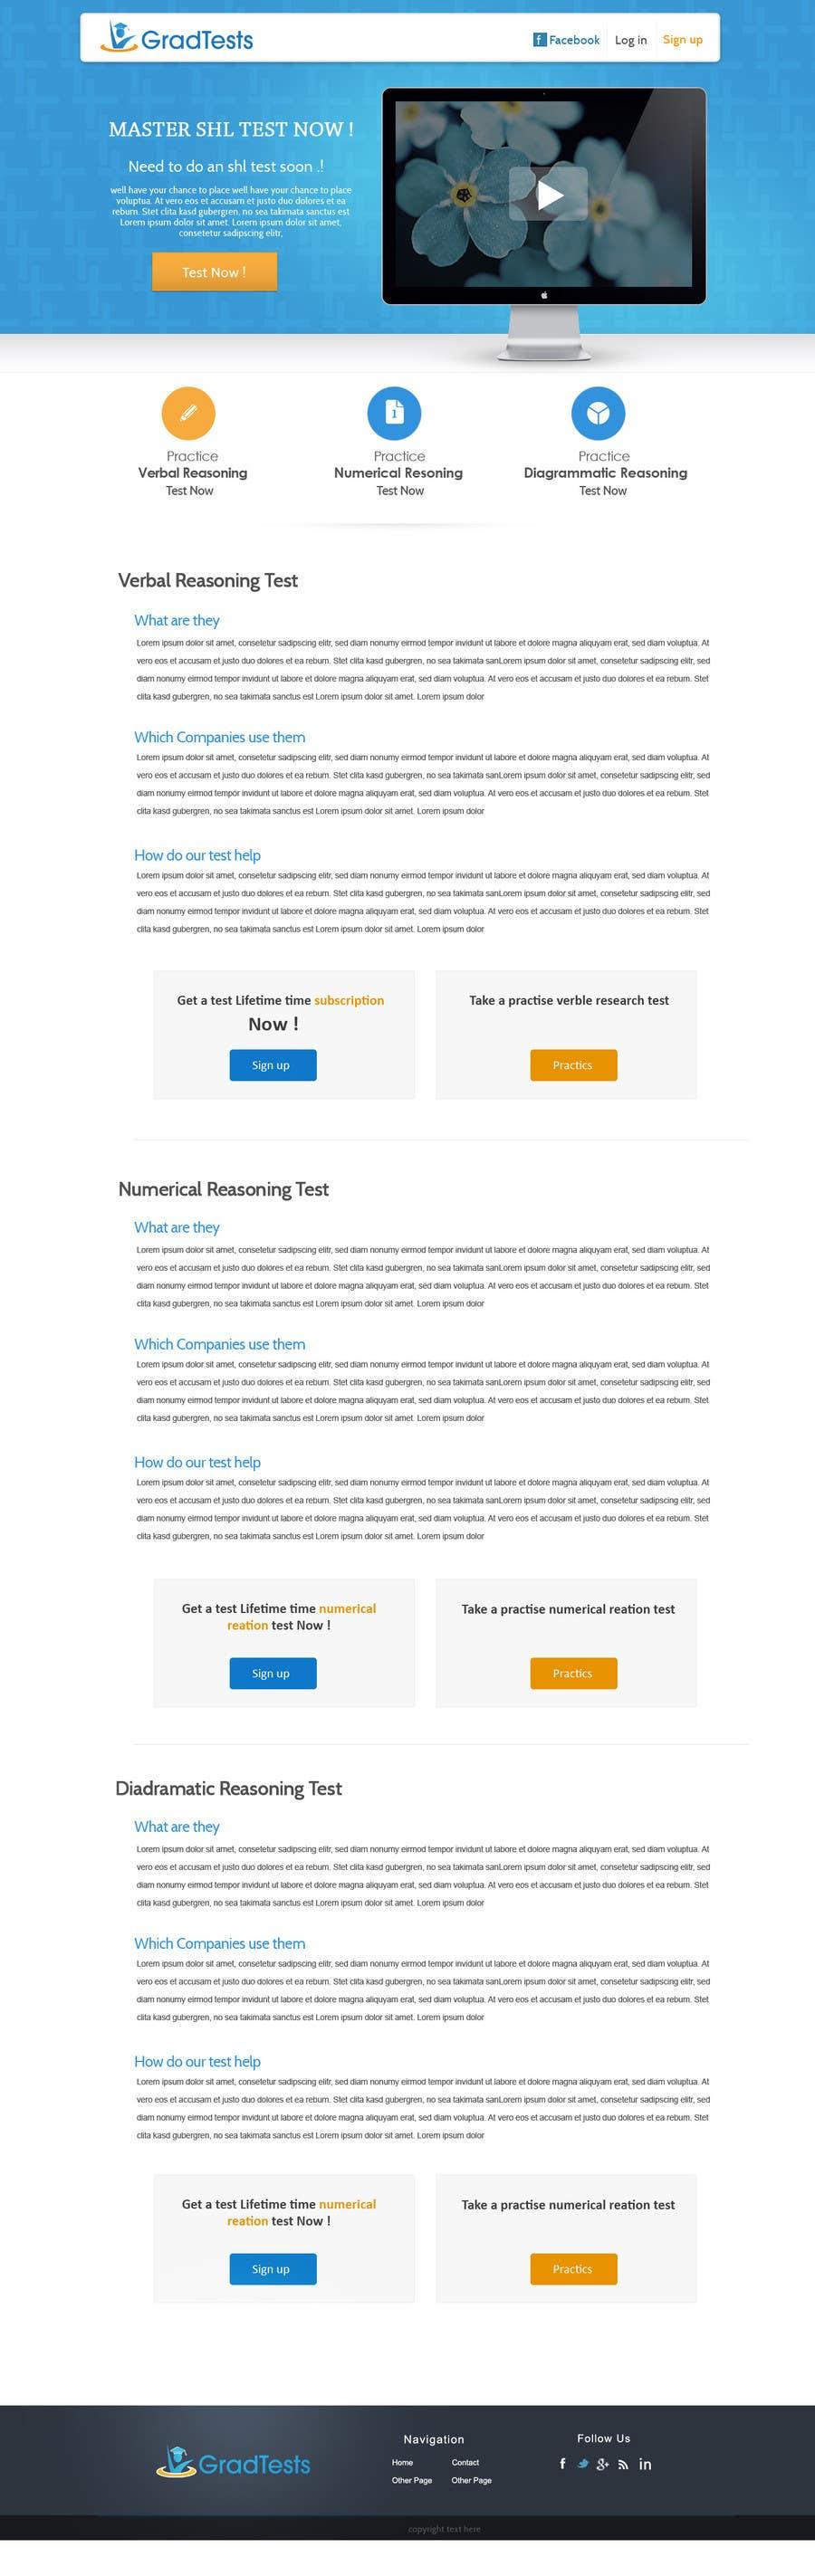 Inscrição nº                                         9                                      do Concurso para                                         Design a Website Mockup for Practice IQ Test Business